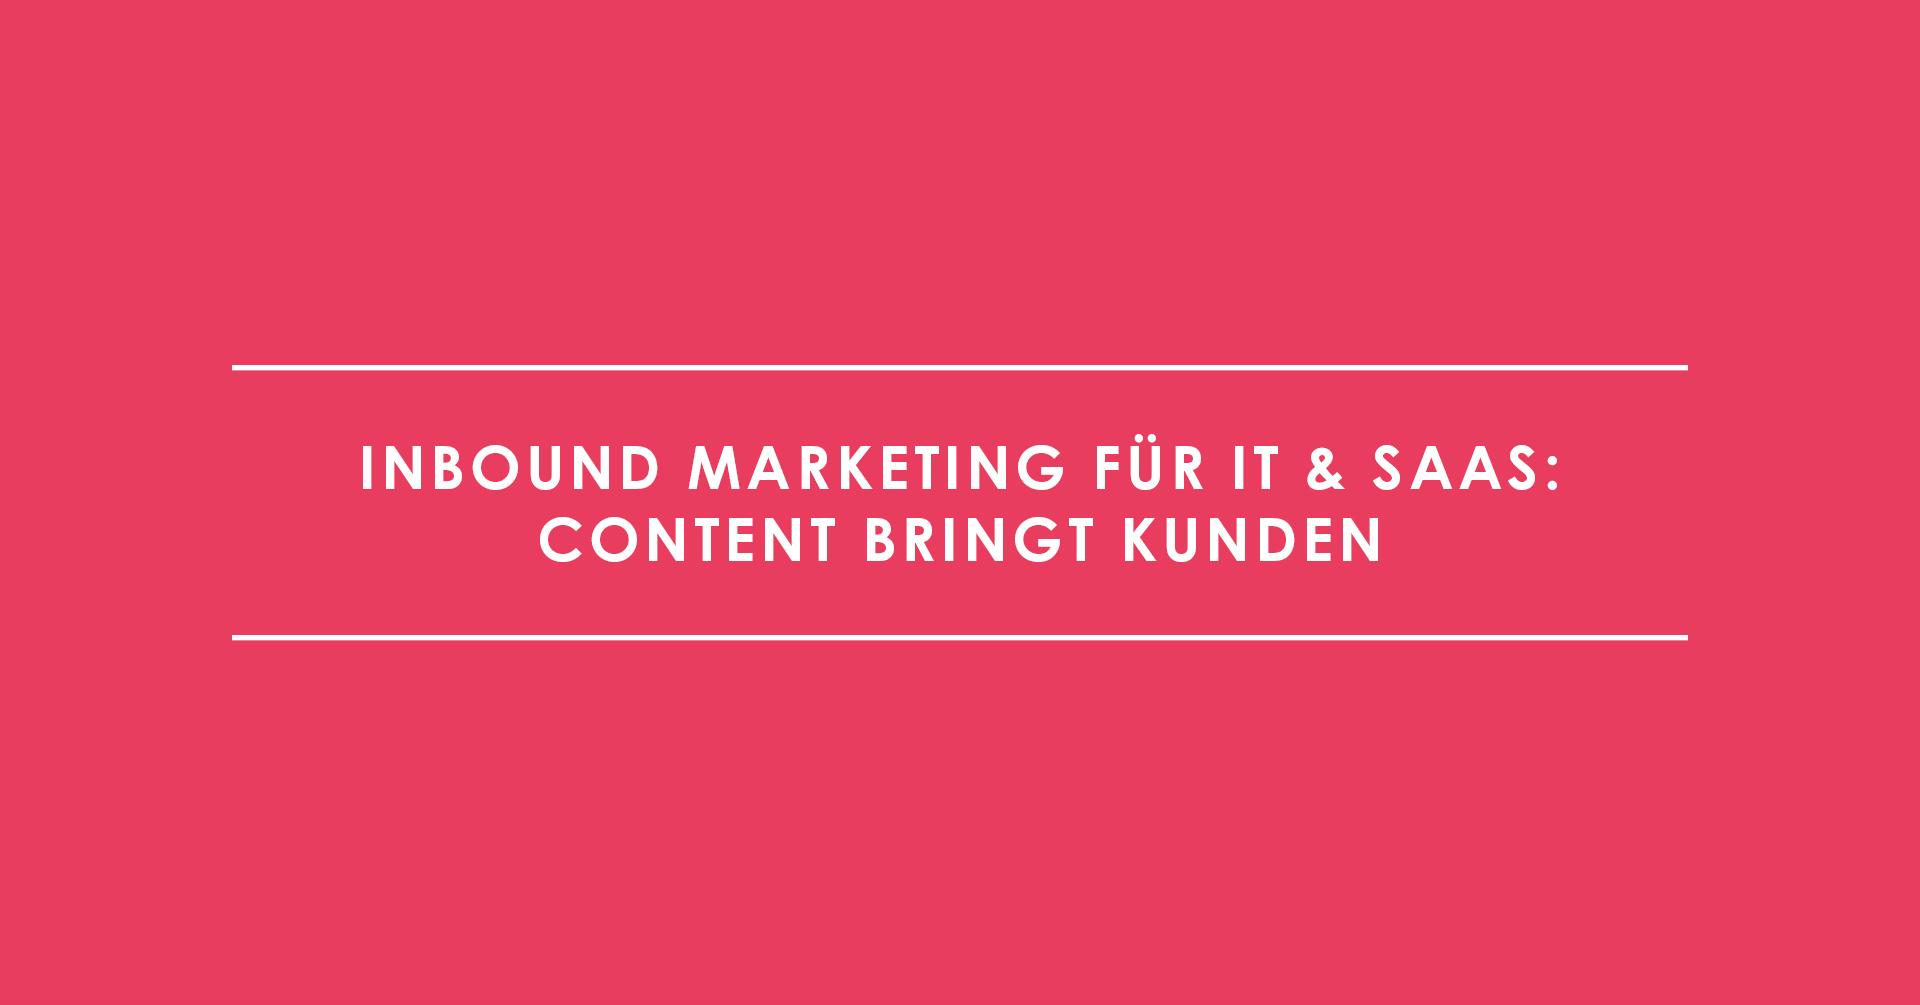 Inbound Marketing für IT & SaaS: Content bringt Kunden